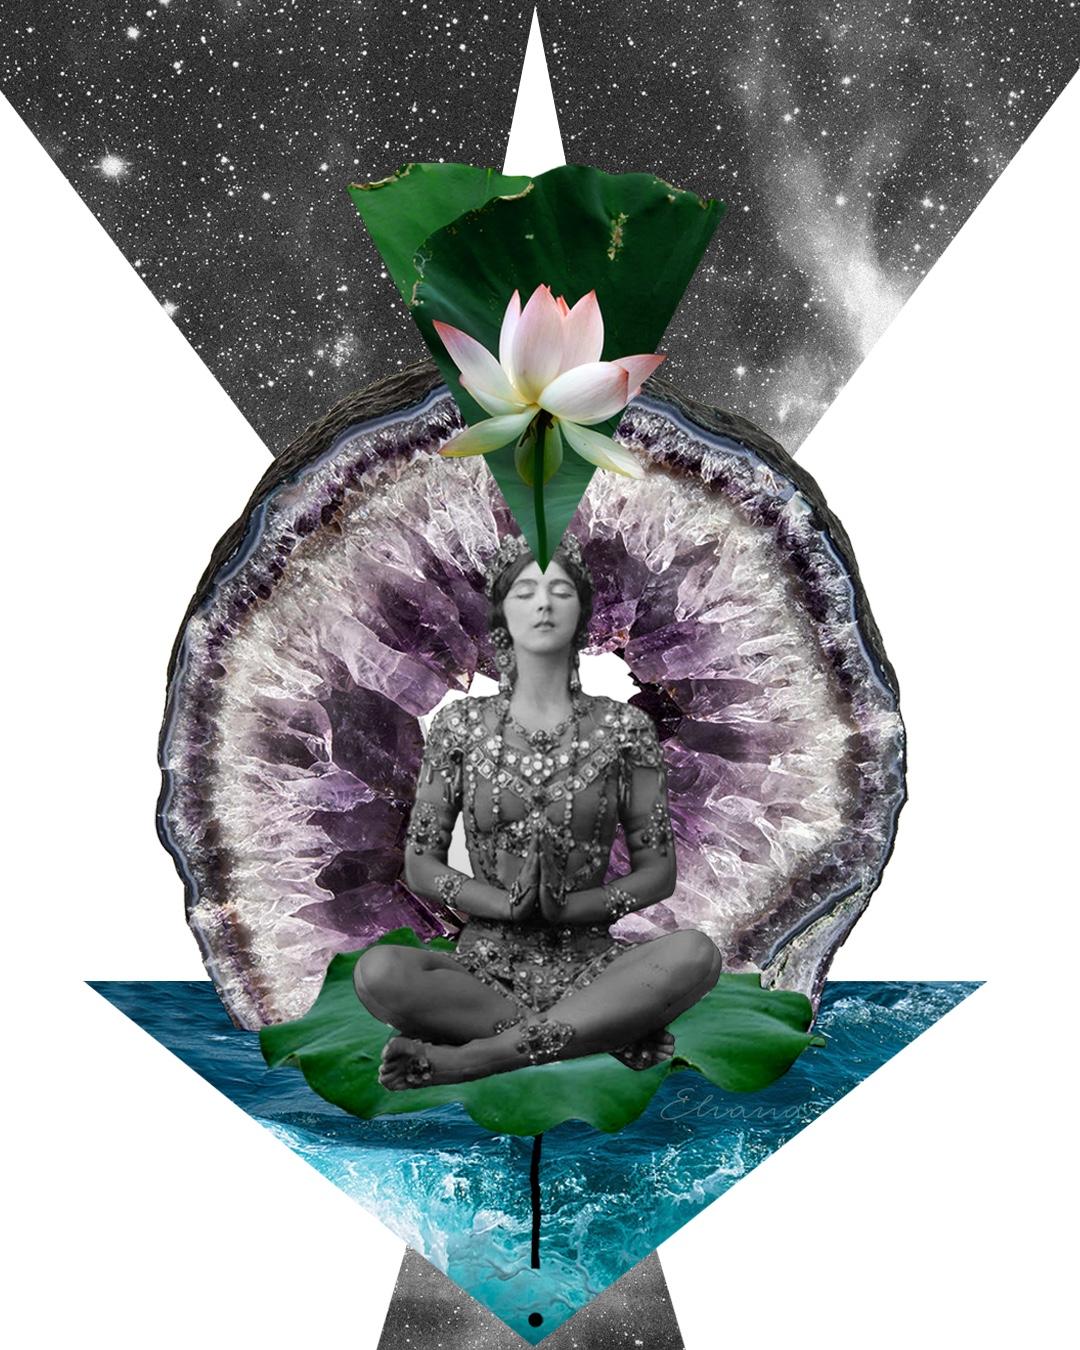 La luna nueva en Aries te brinda una oportunidad única para sanar tu alma